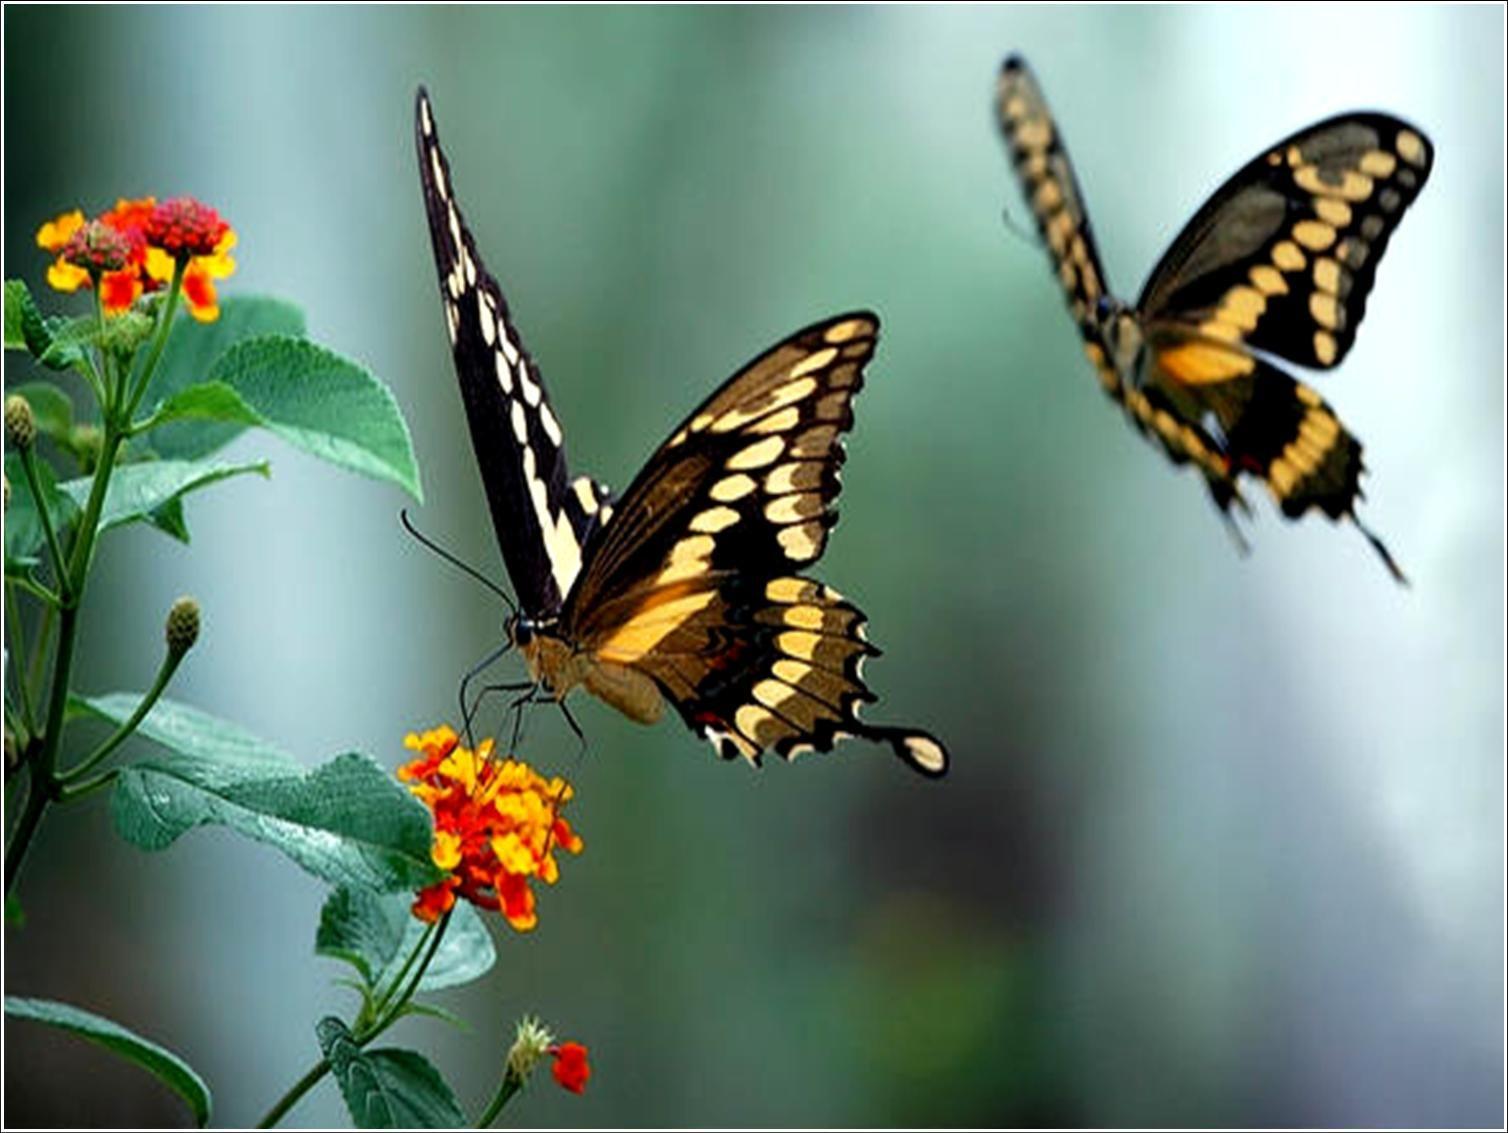 http://1.bp.blogspot.com/_zu5HLtMFumM/TEeyr8DInbI/AAAAAAAAABI/iGCSoBFdm4c/s1600/borboletas.jpg